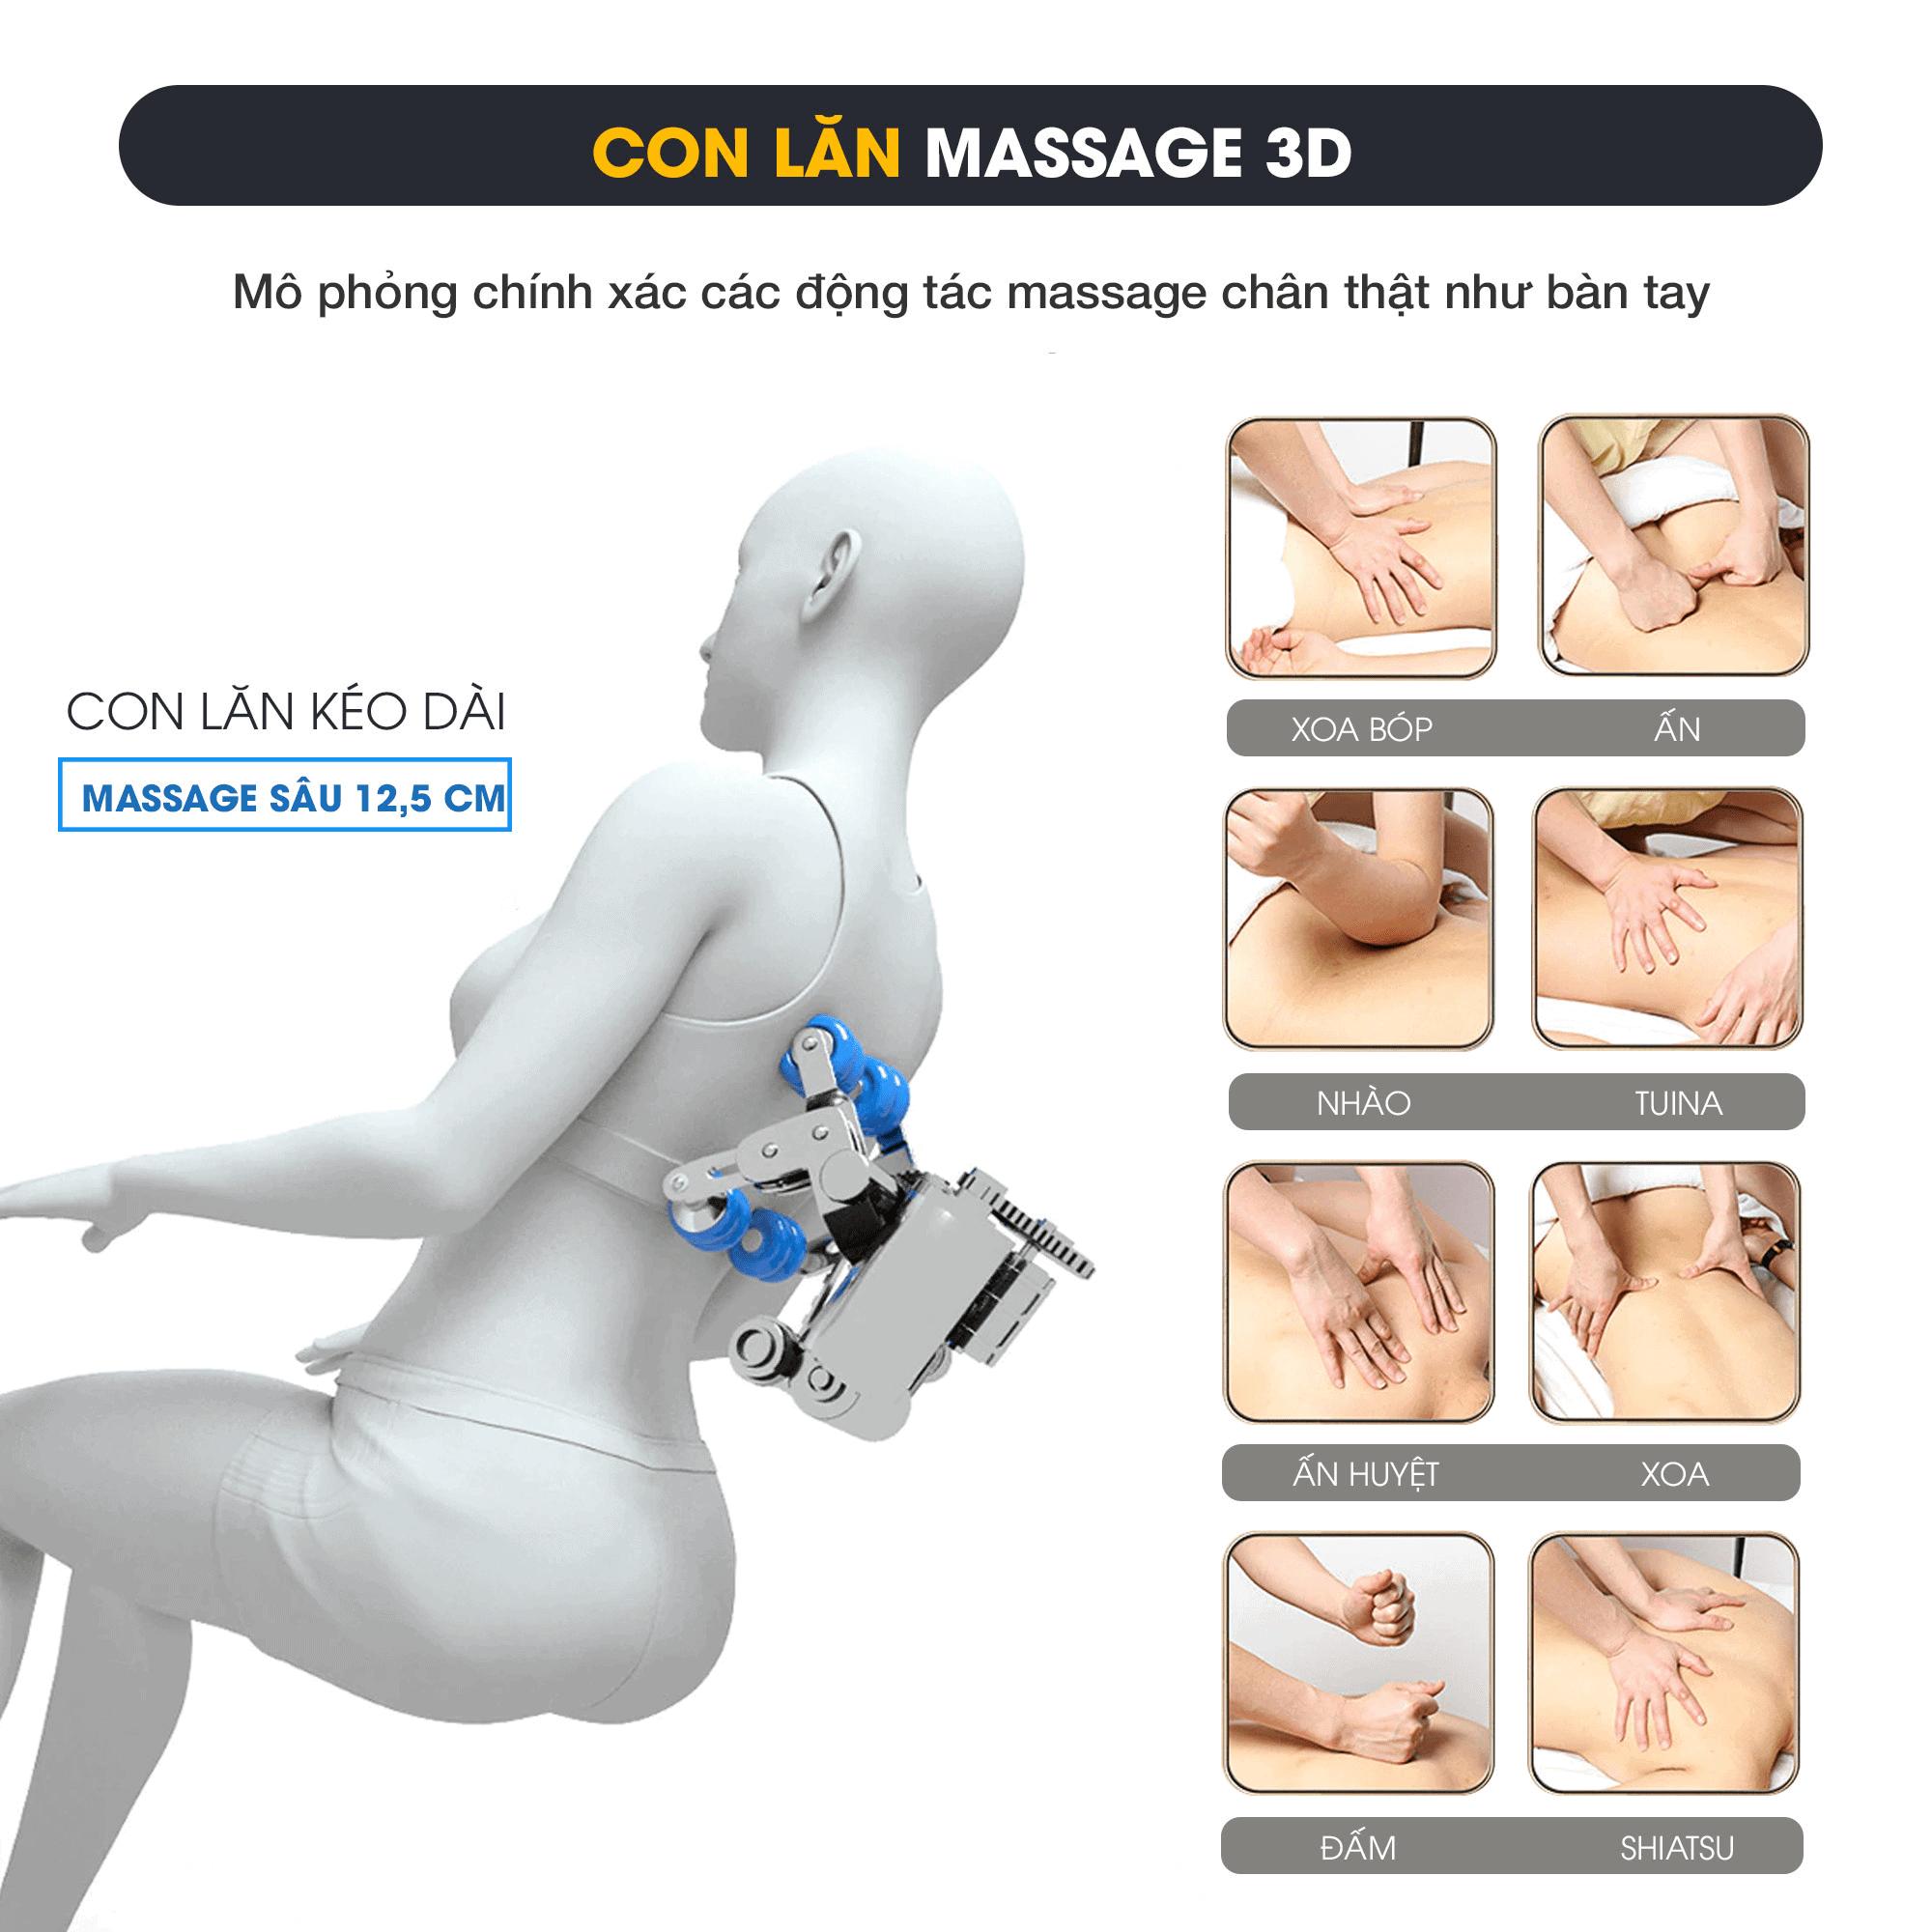 Tác dụng Con lăn 3d ghế massage klc Kykyo 6688